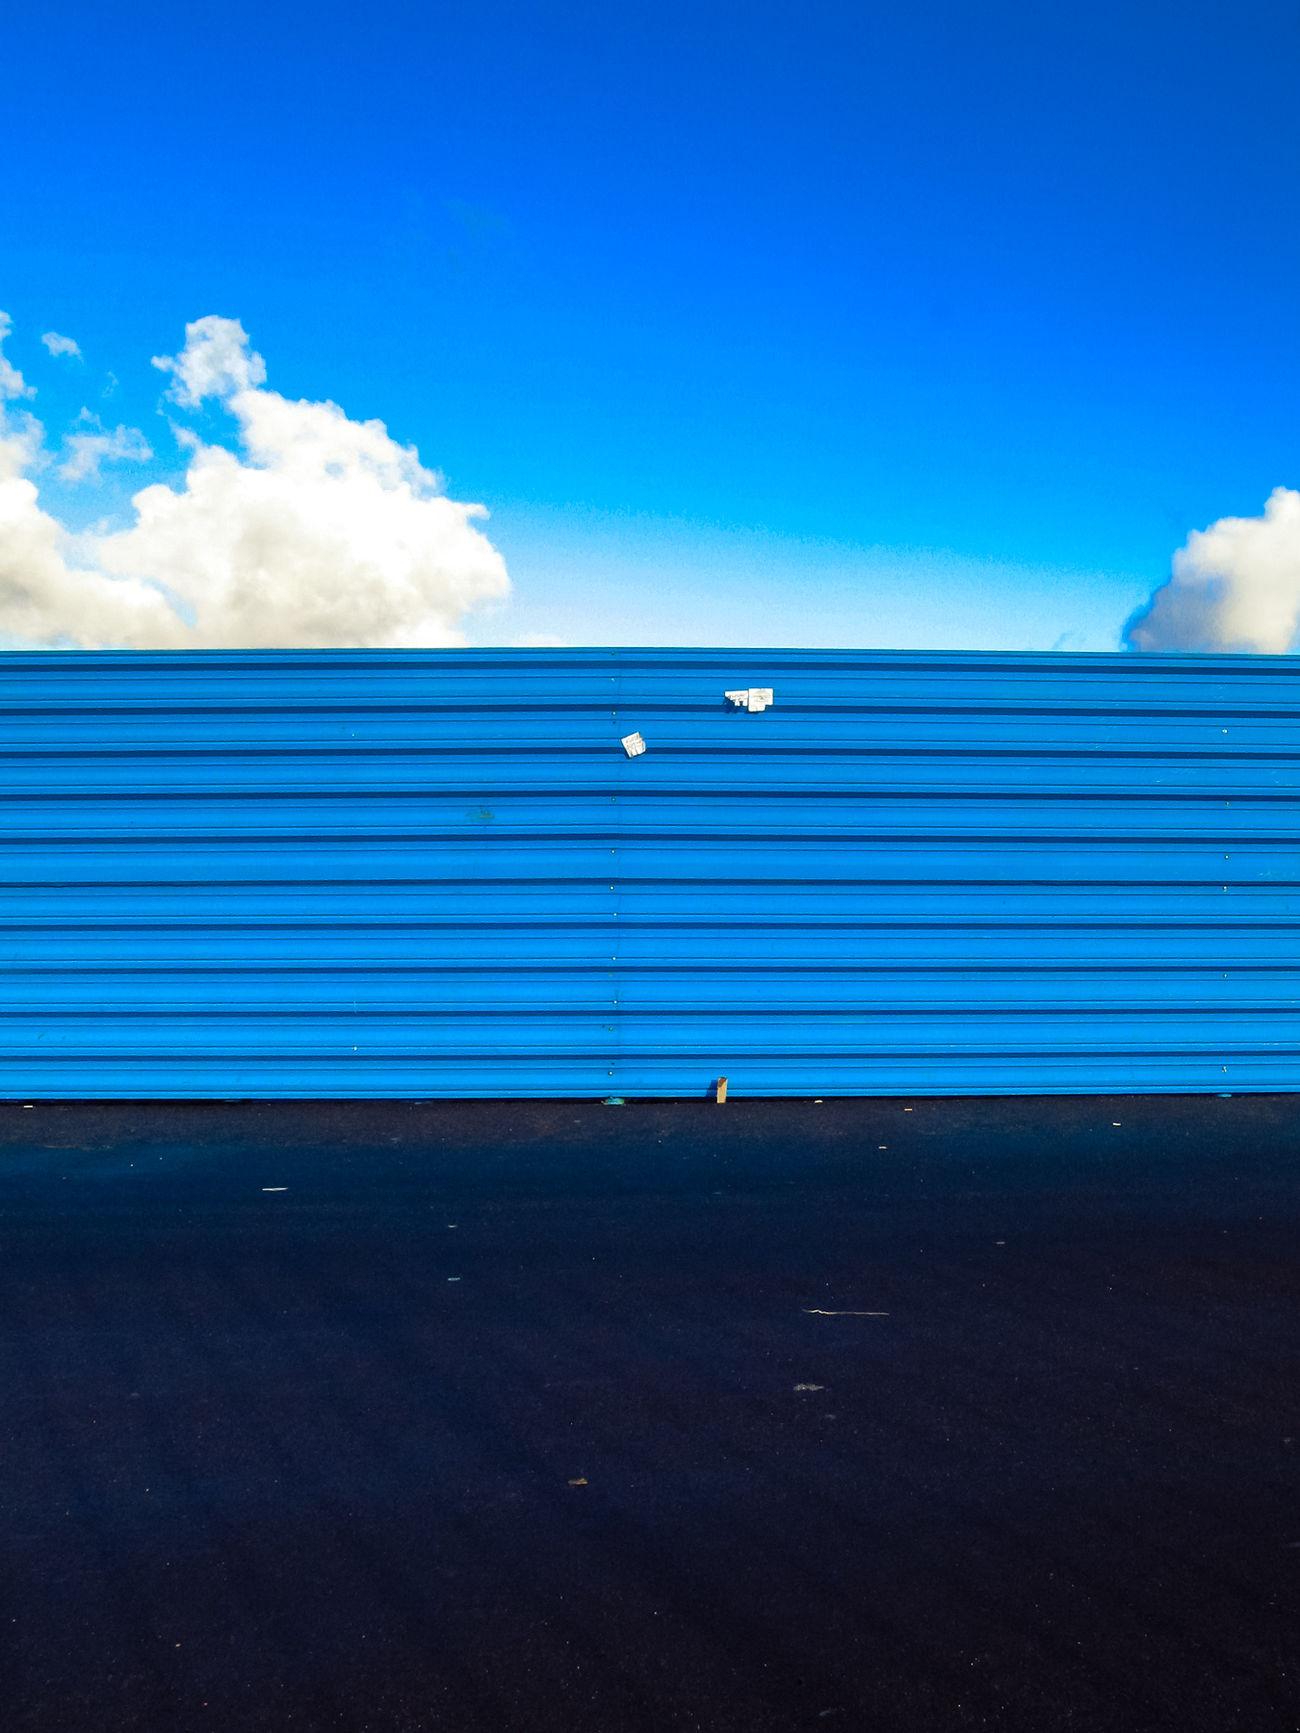 Blue Blue Color City Details Cloud - Sky Construction Fence Contrast Copy Space Day Minimalism Sky